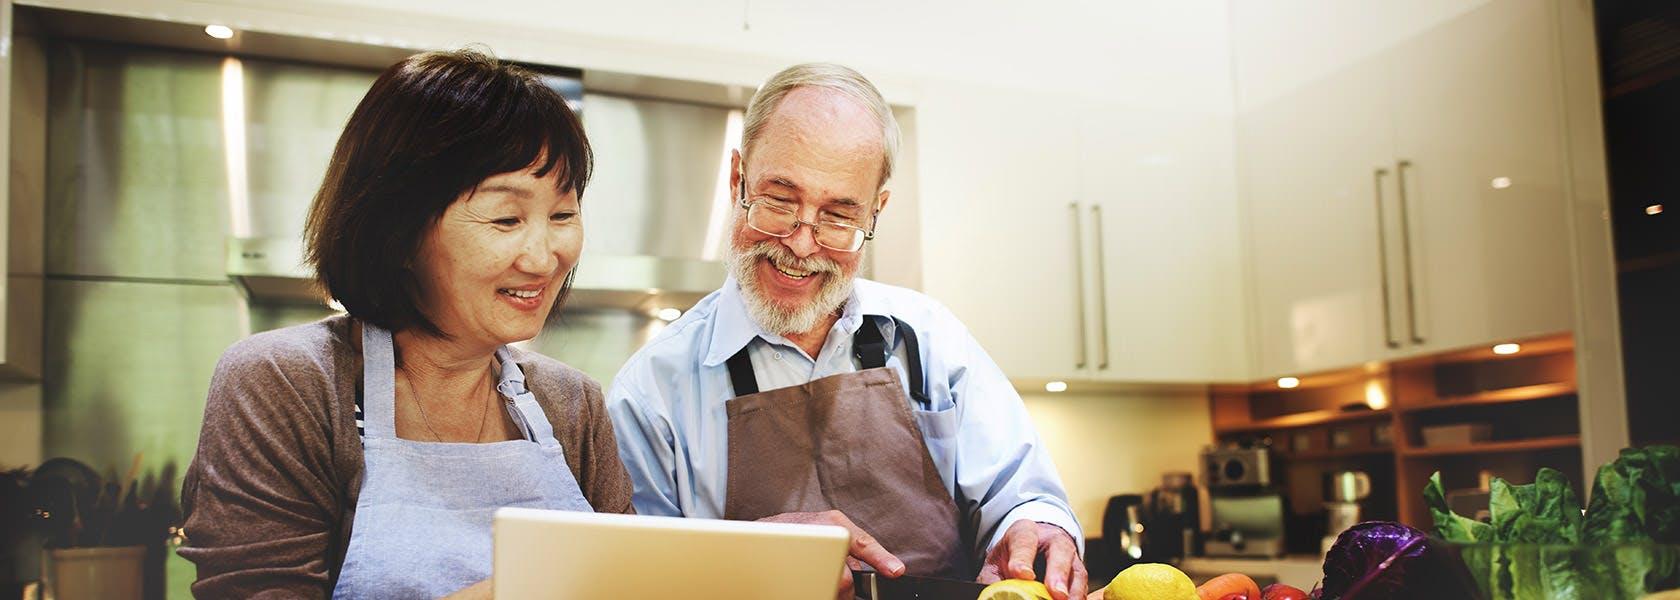 Pareja de adultos mayores preparando una receta.